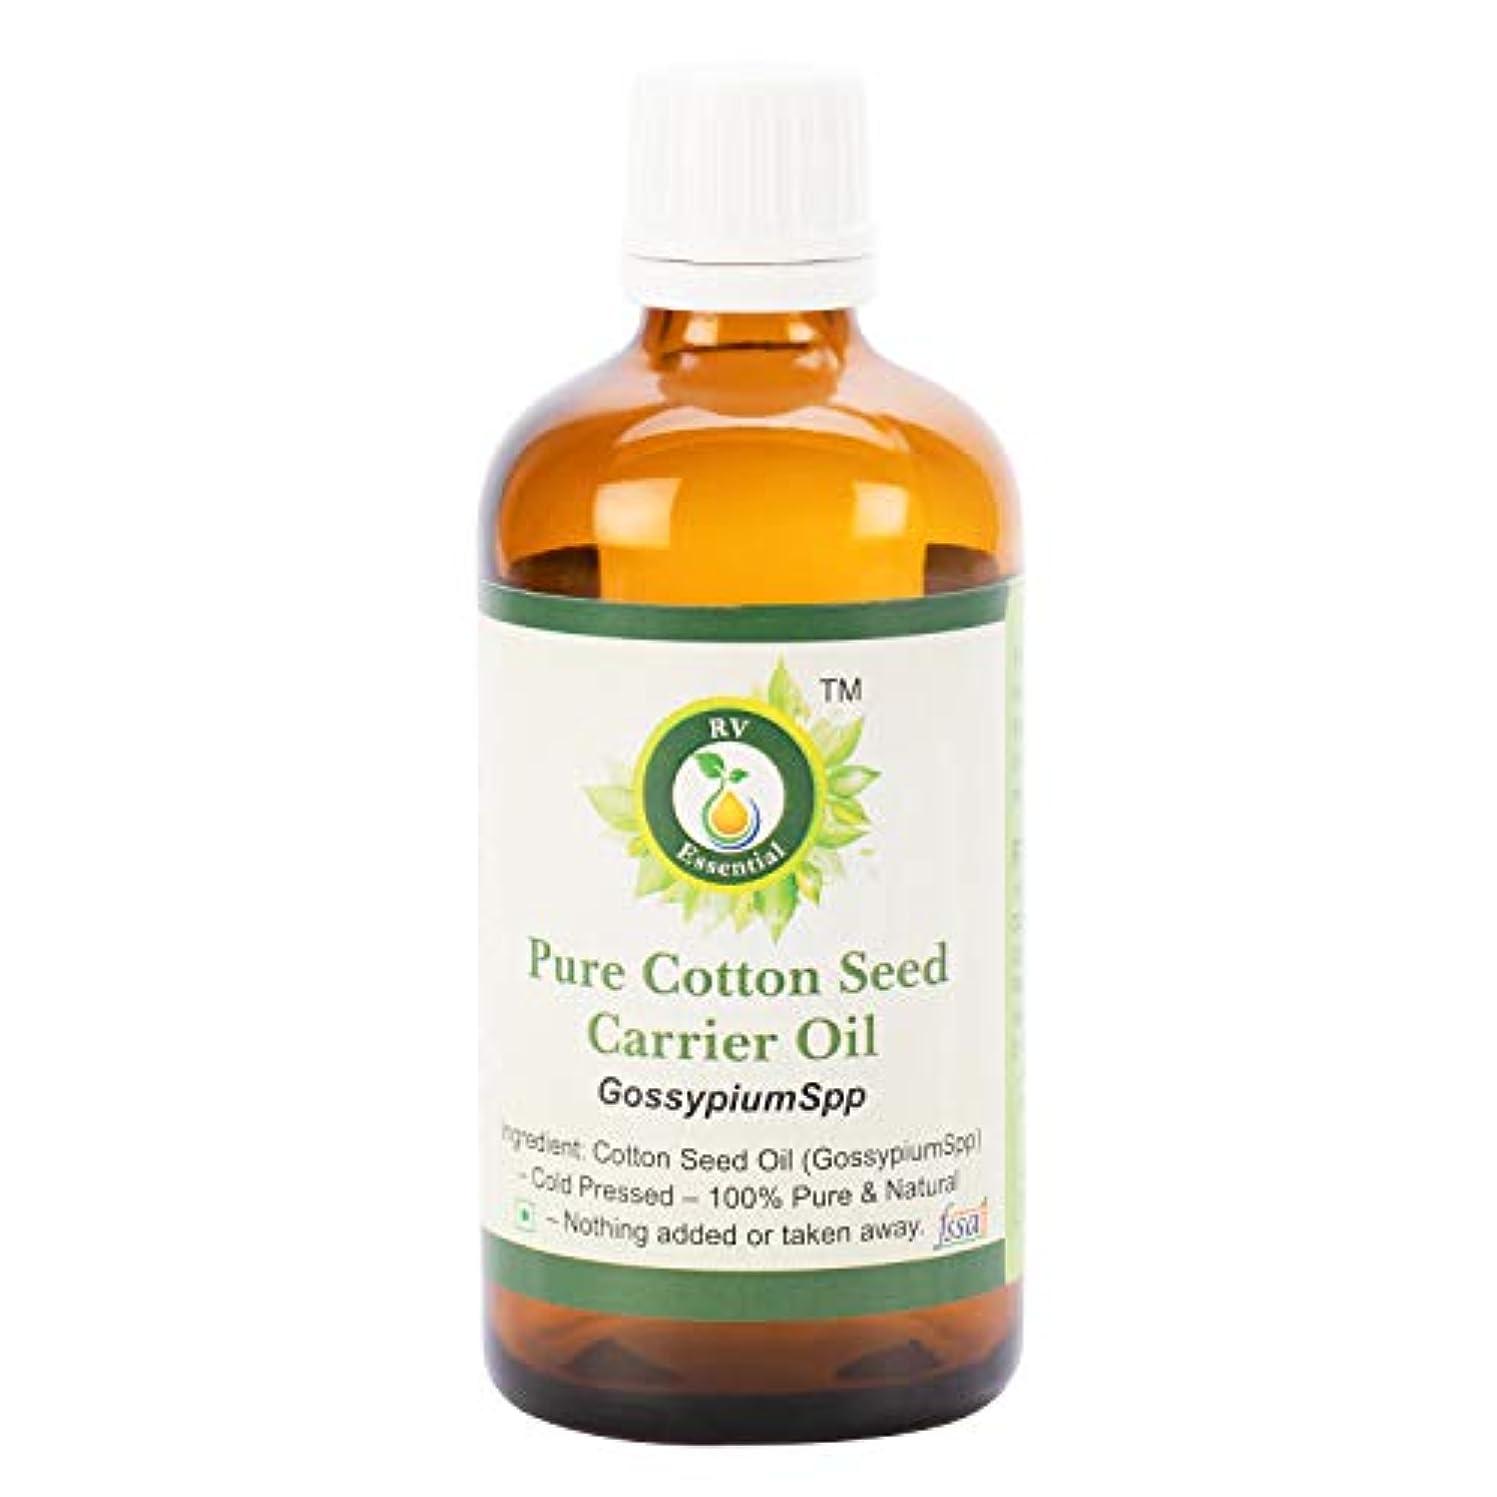 モードリン詳細な失業者R V Essential 純粋な綿の種子キャリアオイル10ml (0.338oz)- Gossypium Spp (100%ピュア&ナチュラルコールドPressed) Pure Cotton Seed Carrier...